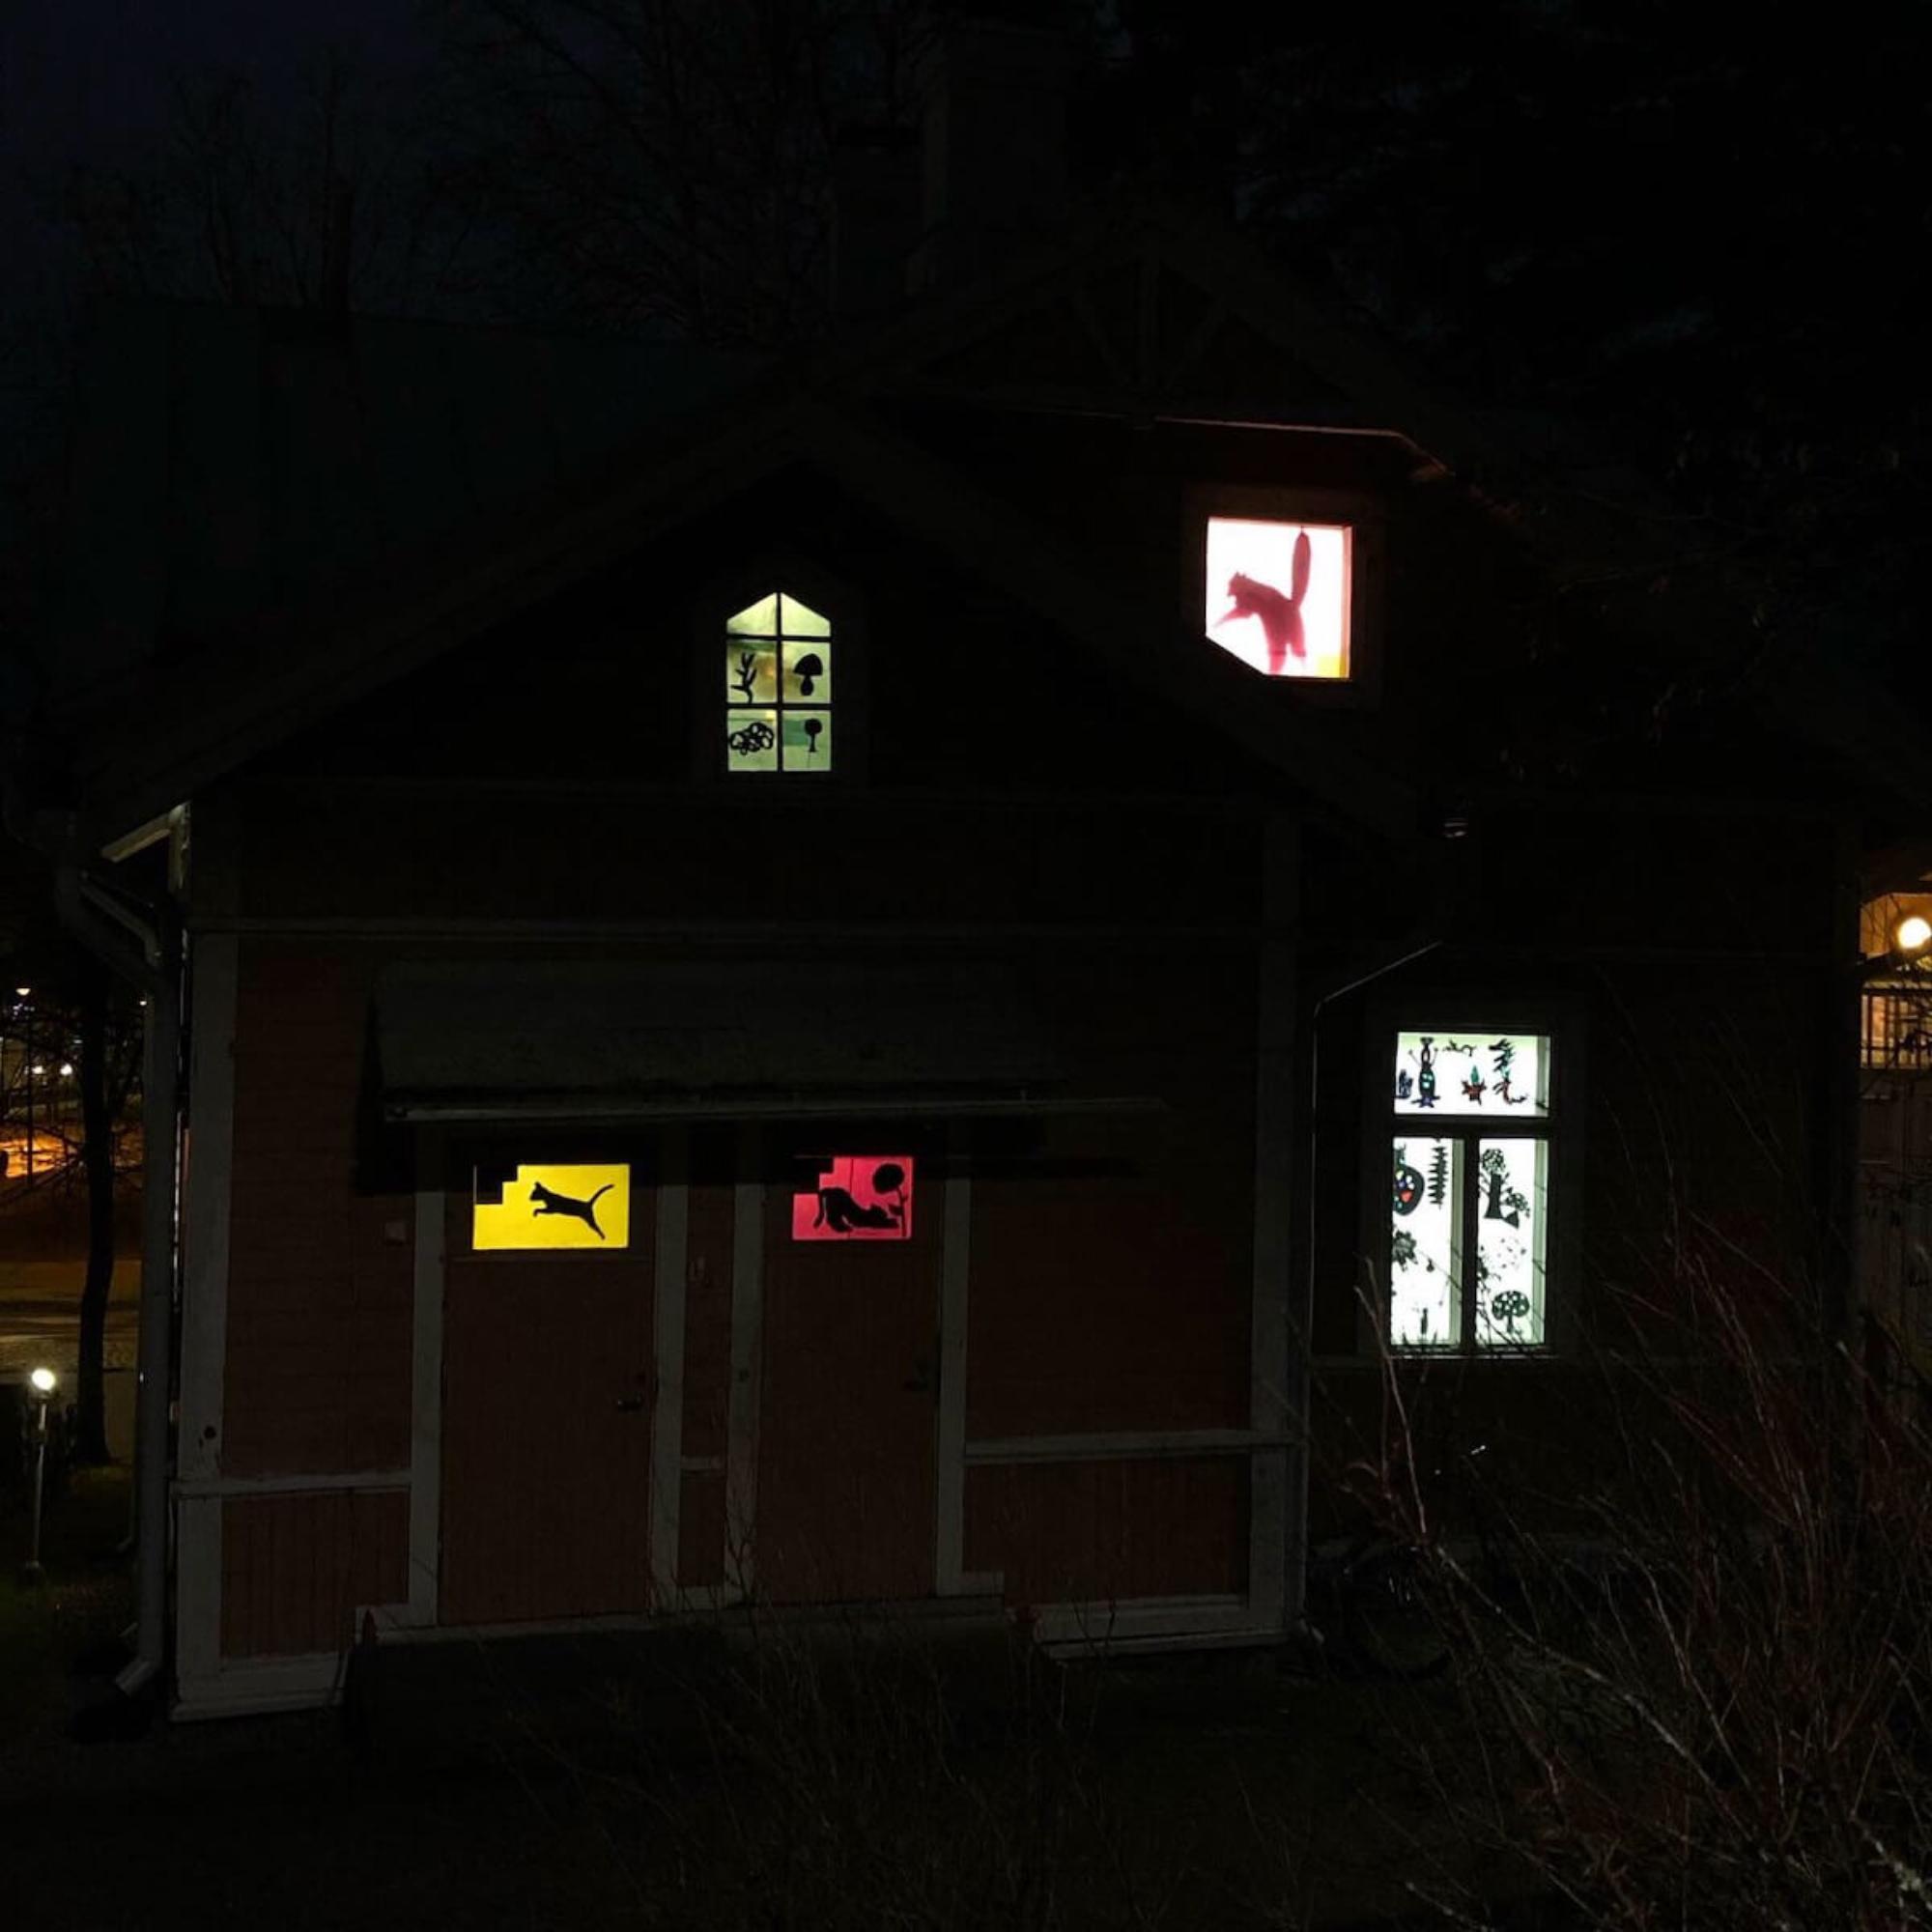 Keravan kuvataidekoulun värikäs siluetti-valoinstallaatio.